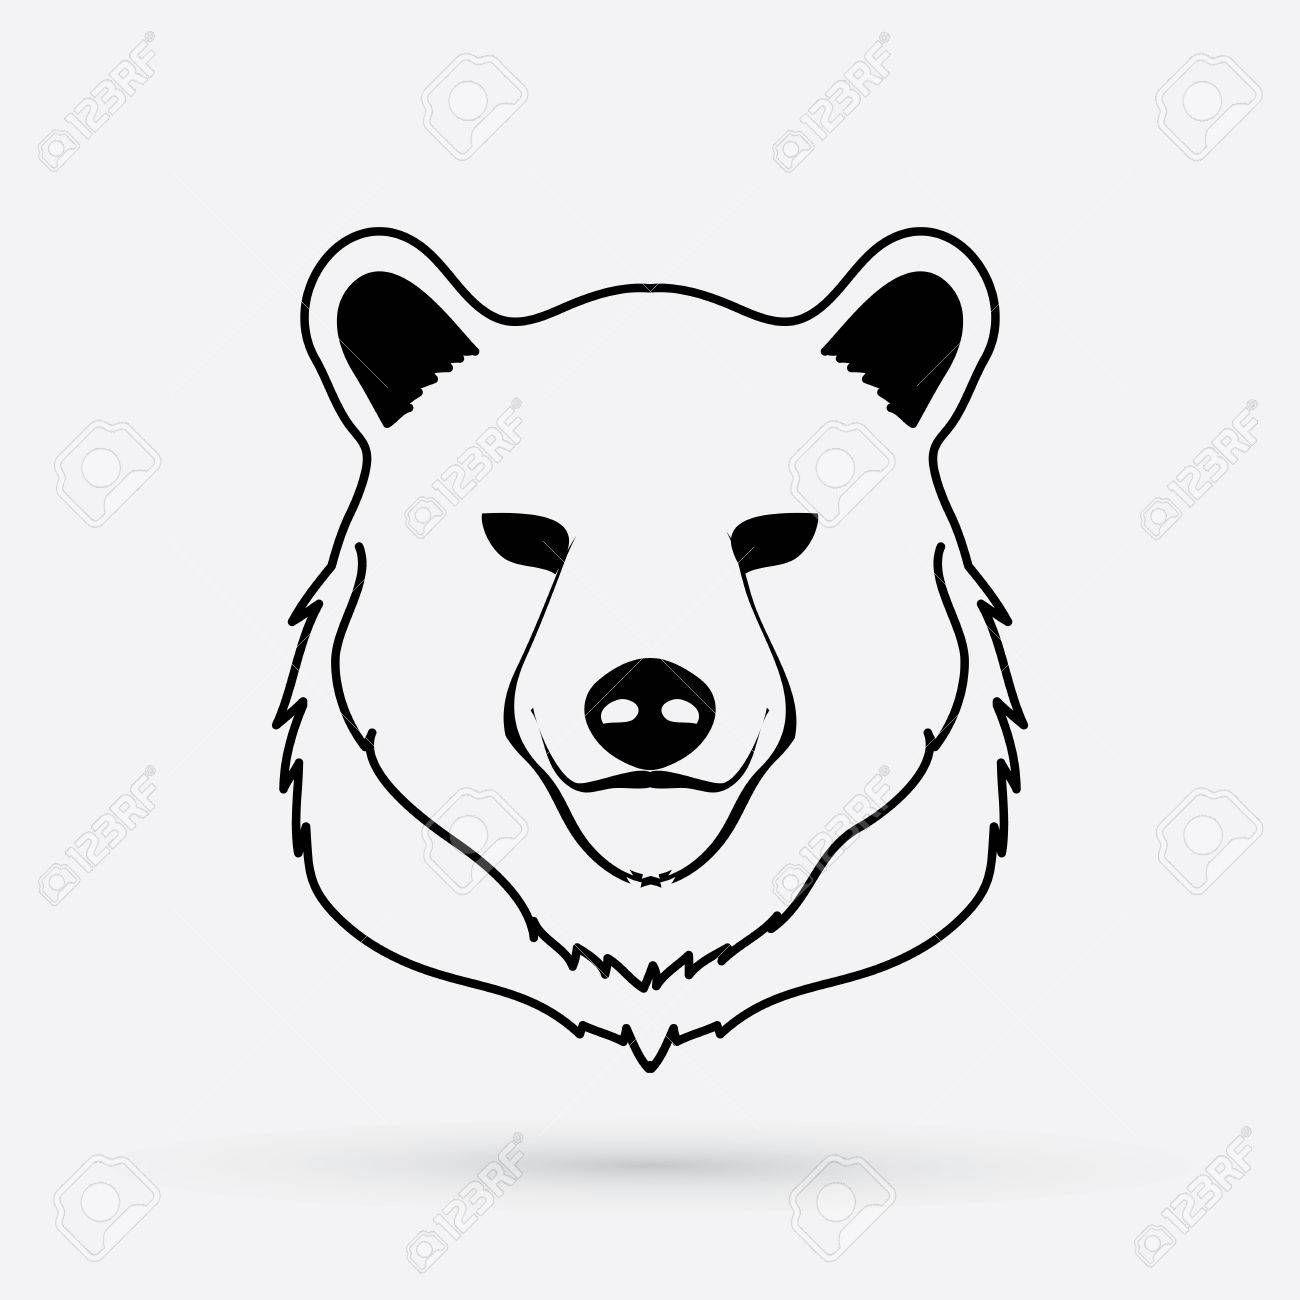 Outline Of A Bear Head